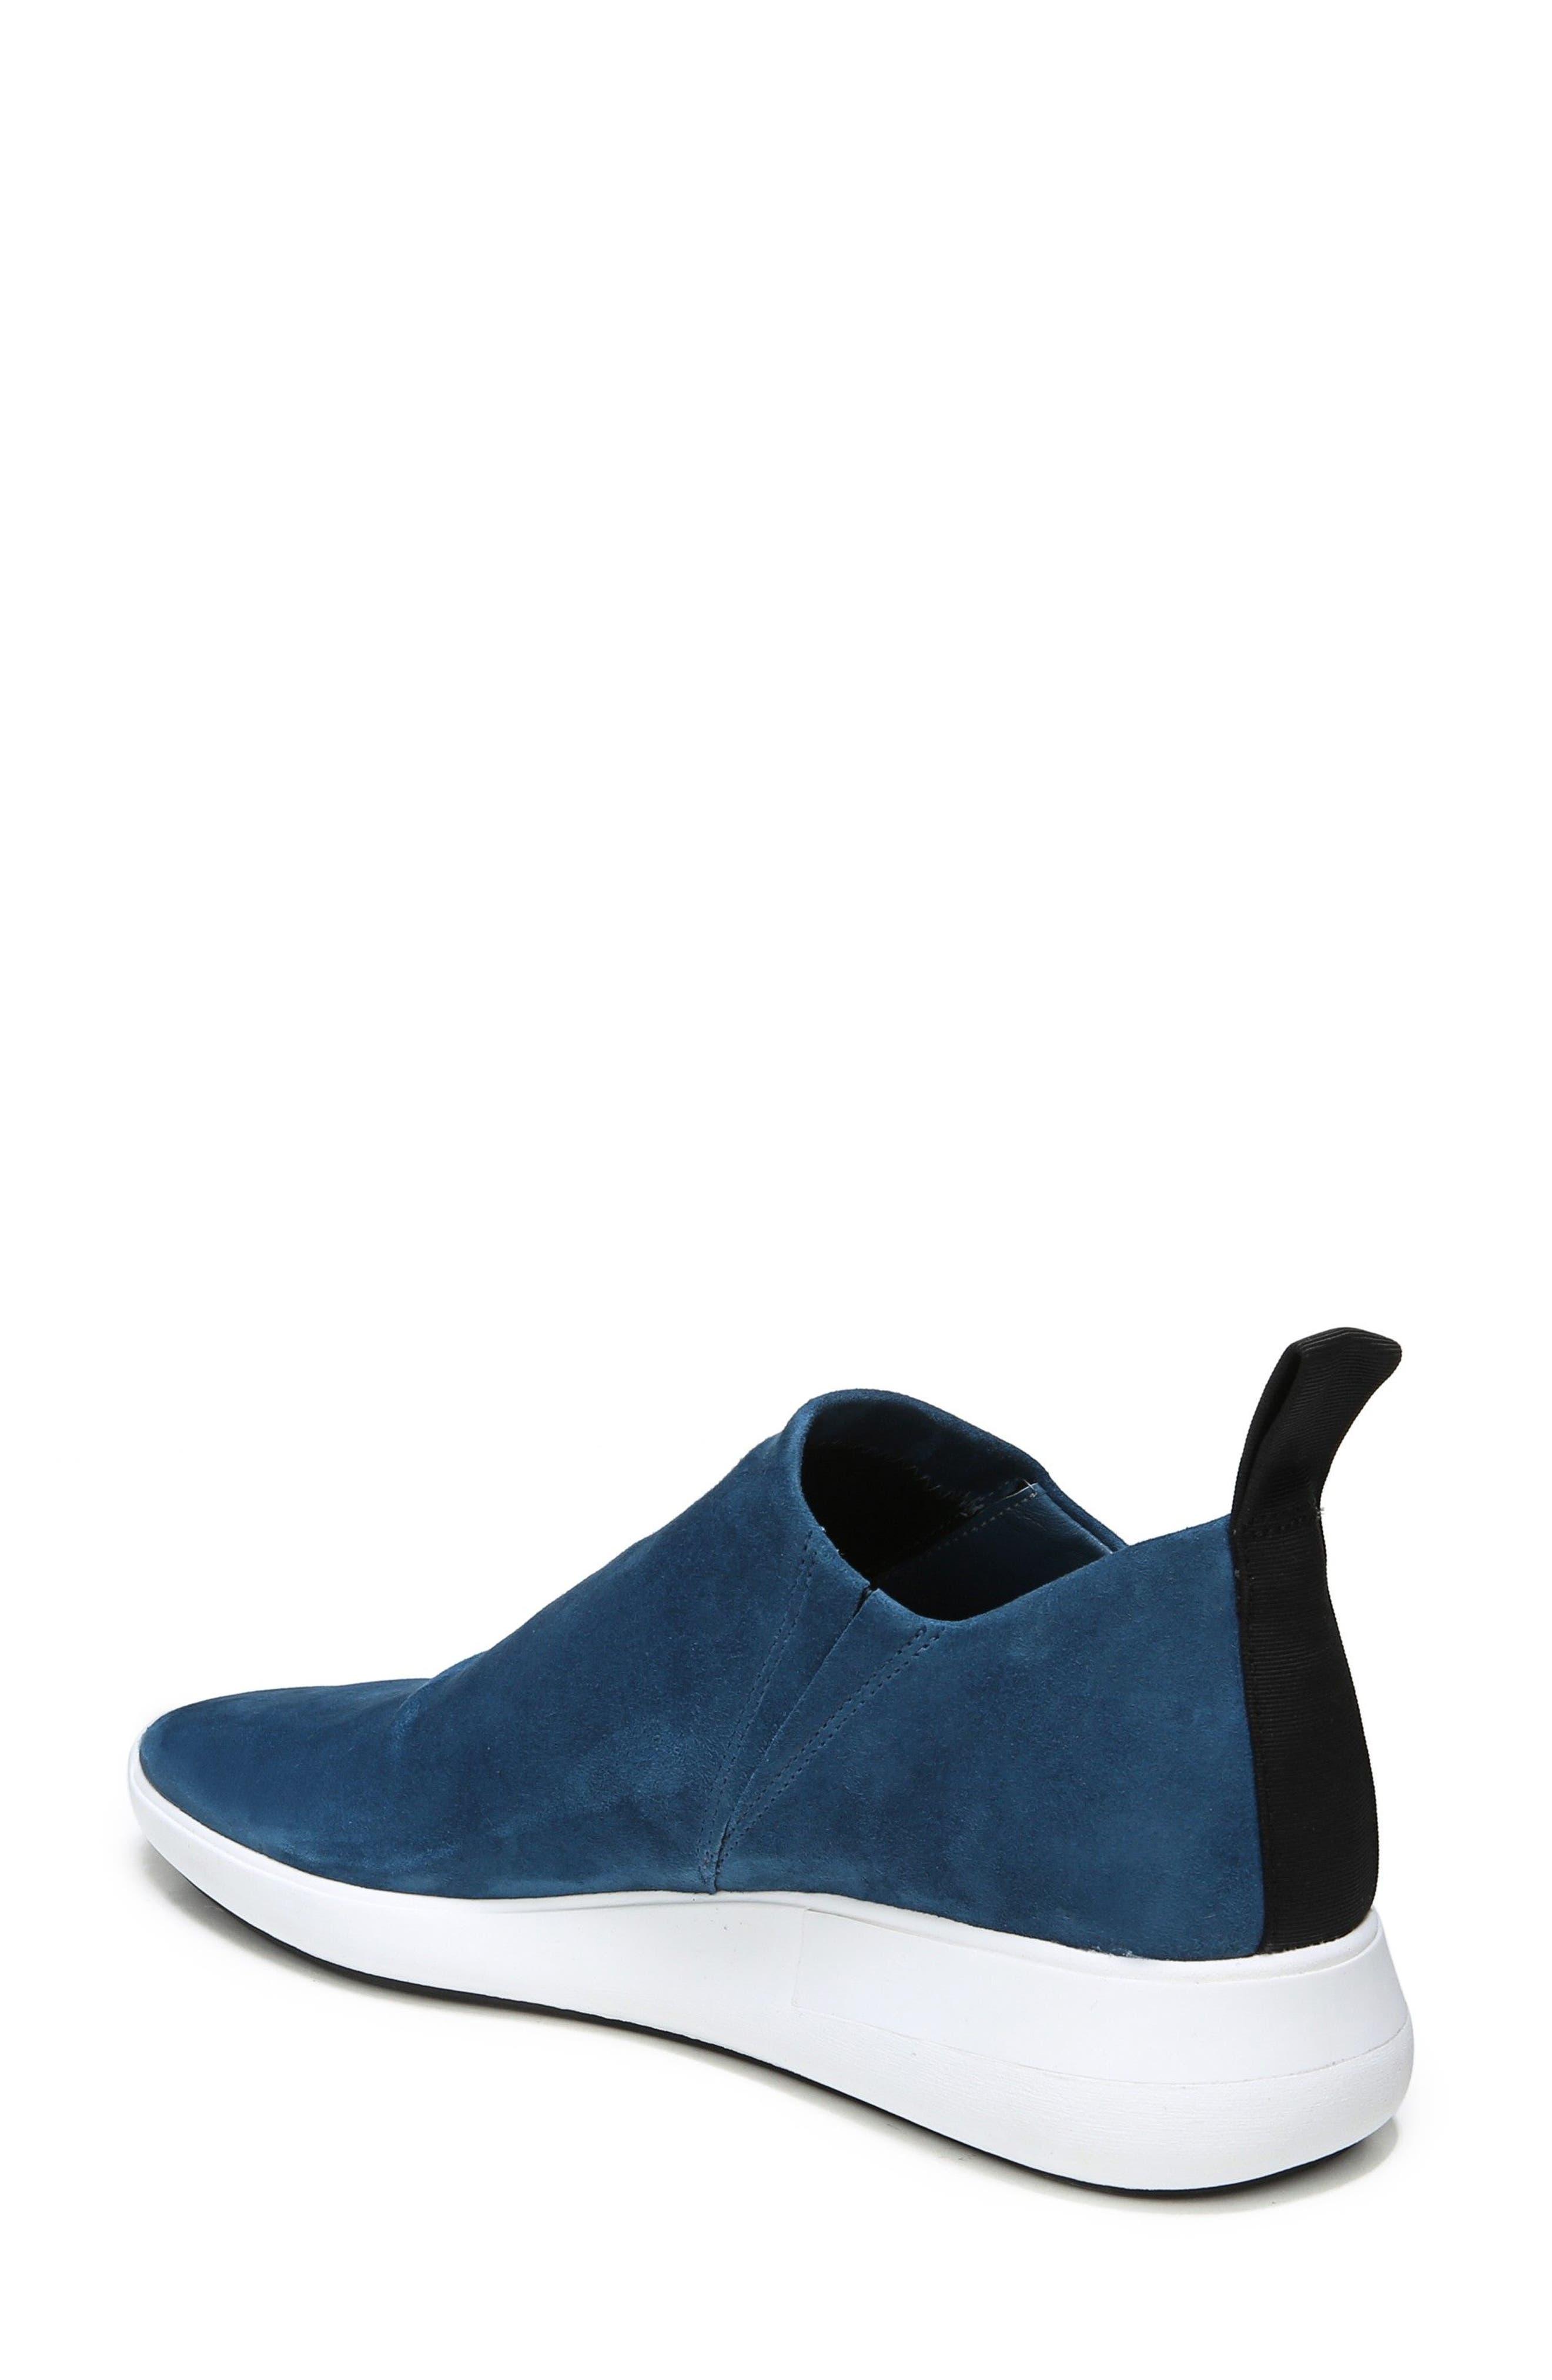 Marlow Slip-On Sneaker,                             Alternate thumbnail 5, color,